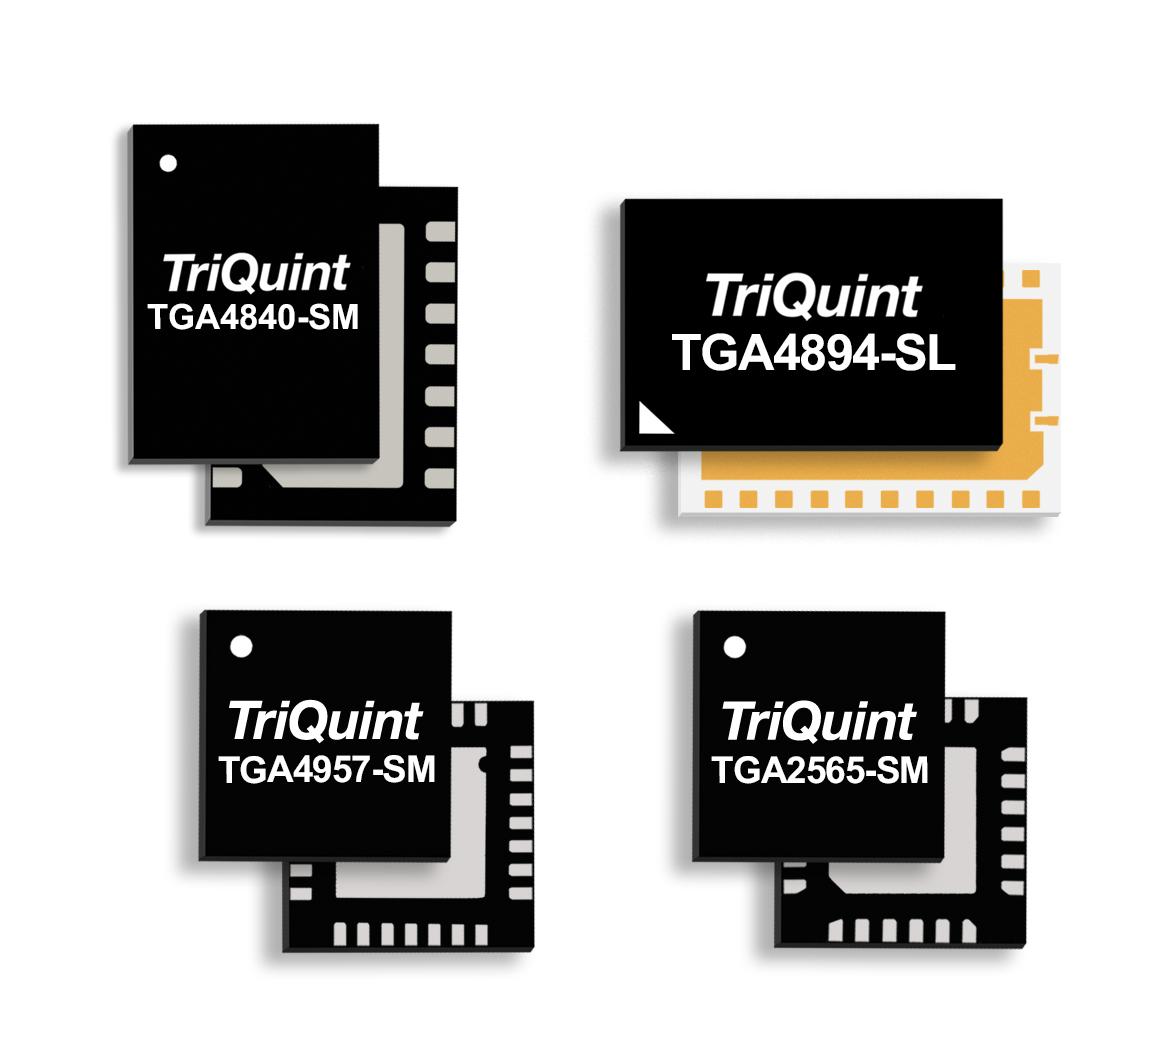 TriQuint Optical Innovation_ECOC-2013_White Bkgrnd.jpg